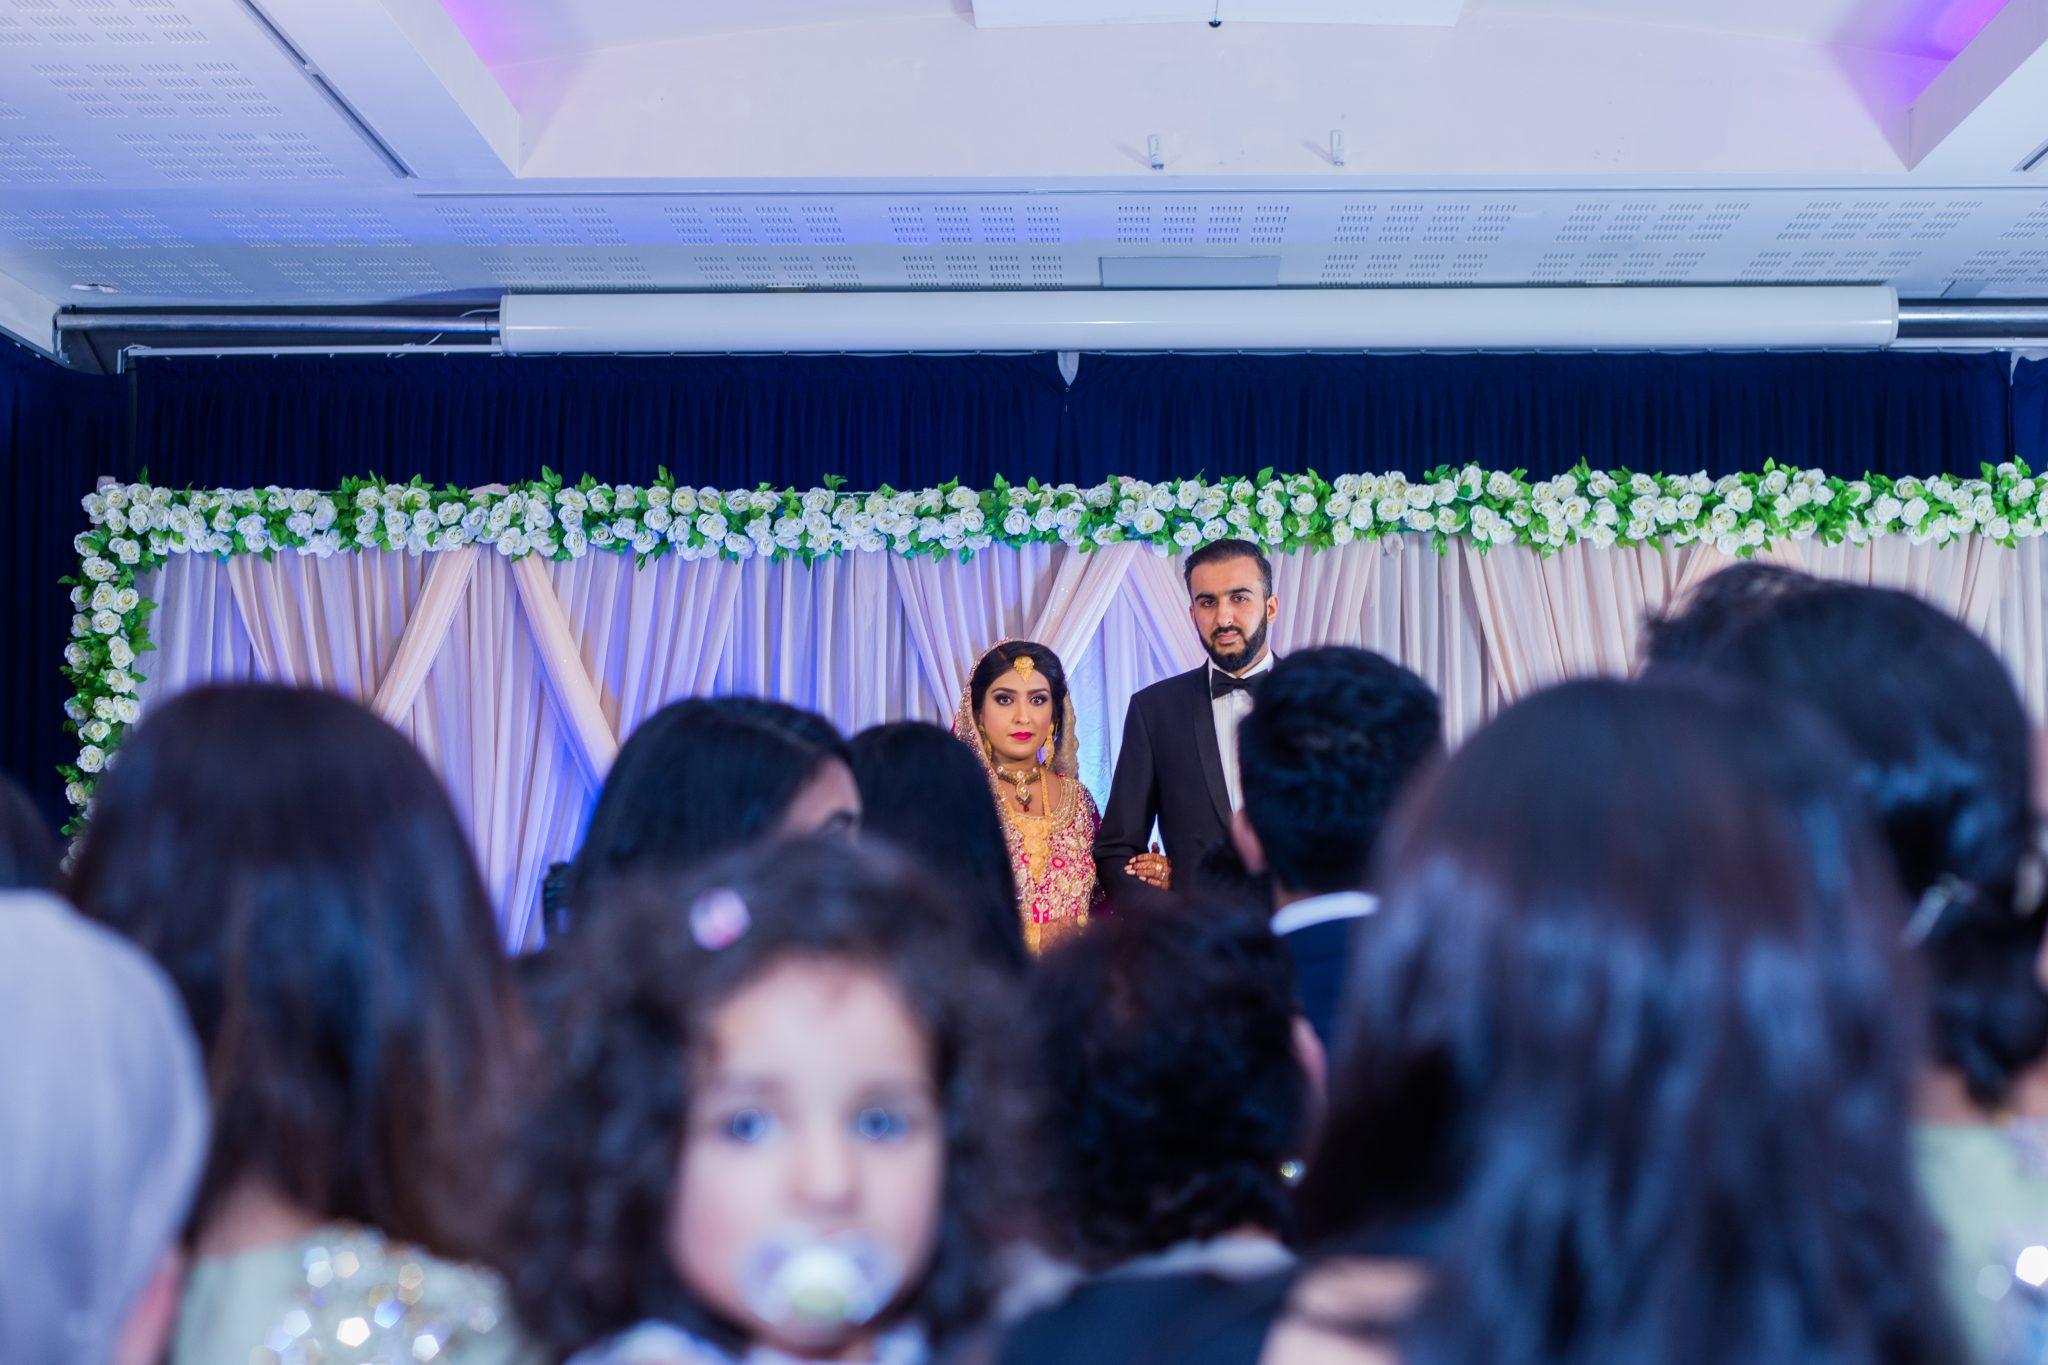 Pakistansk Bryllup - Brudeparet blir ønsket velkommen av alle gjestene